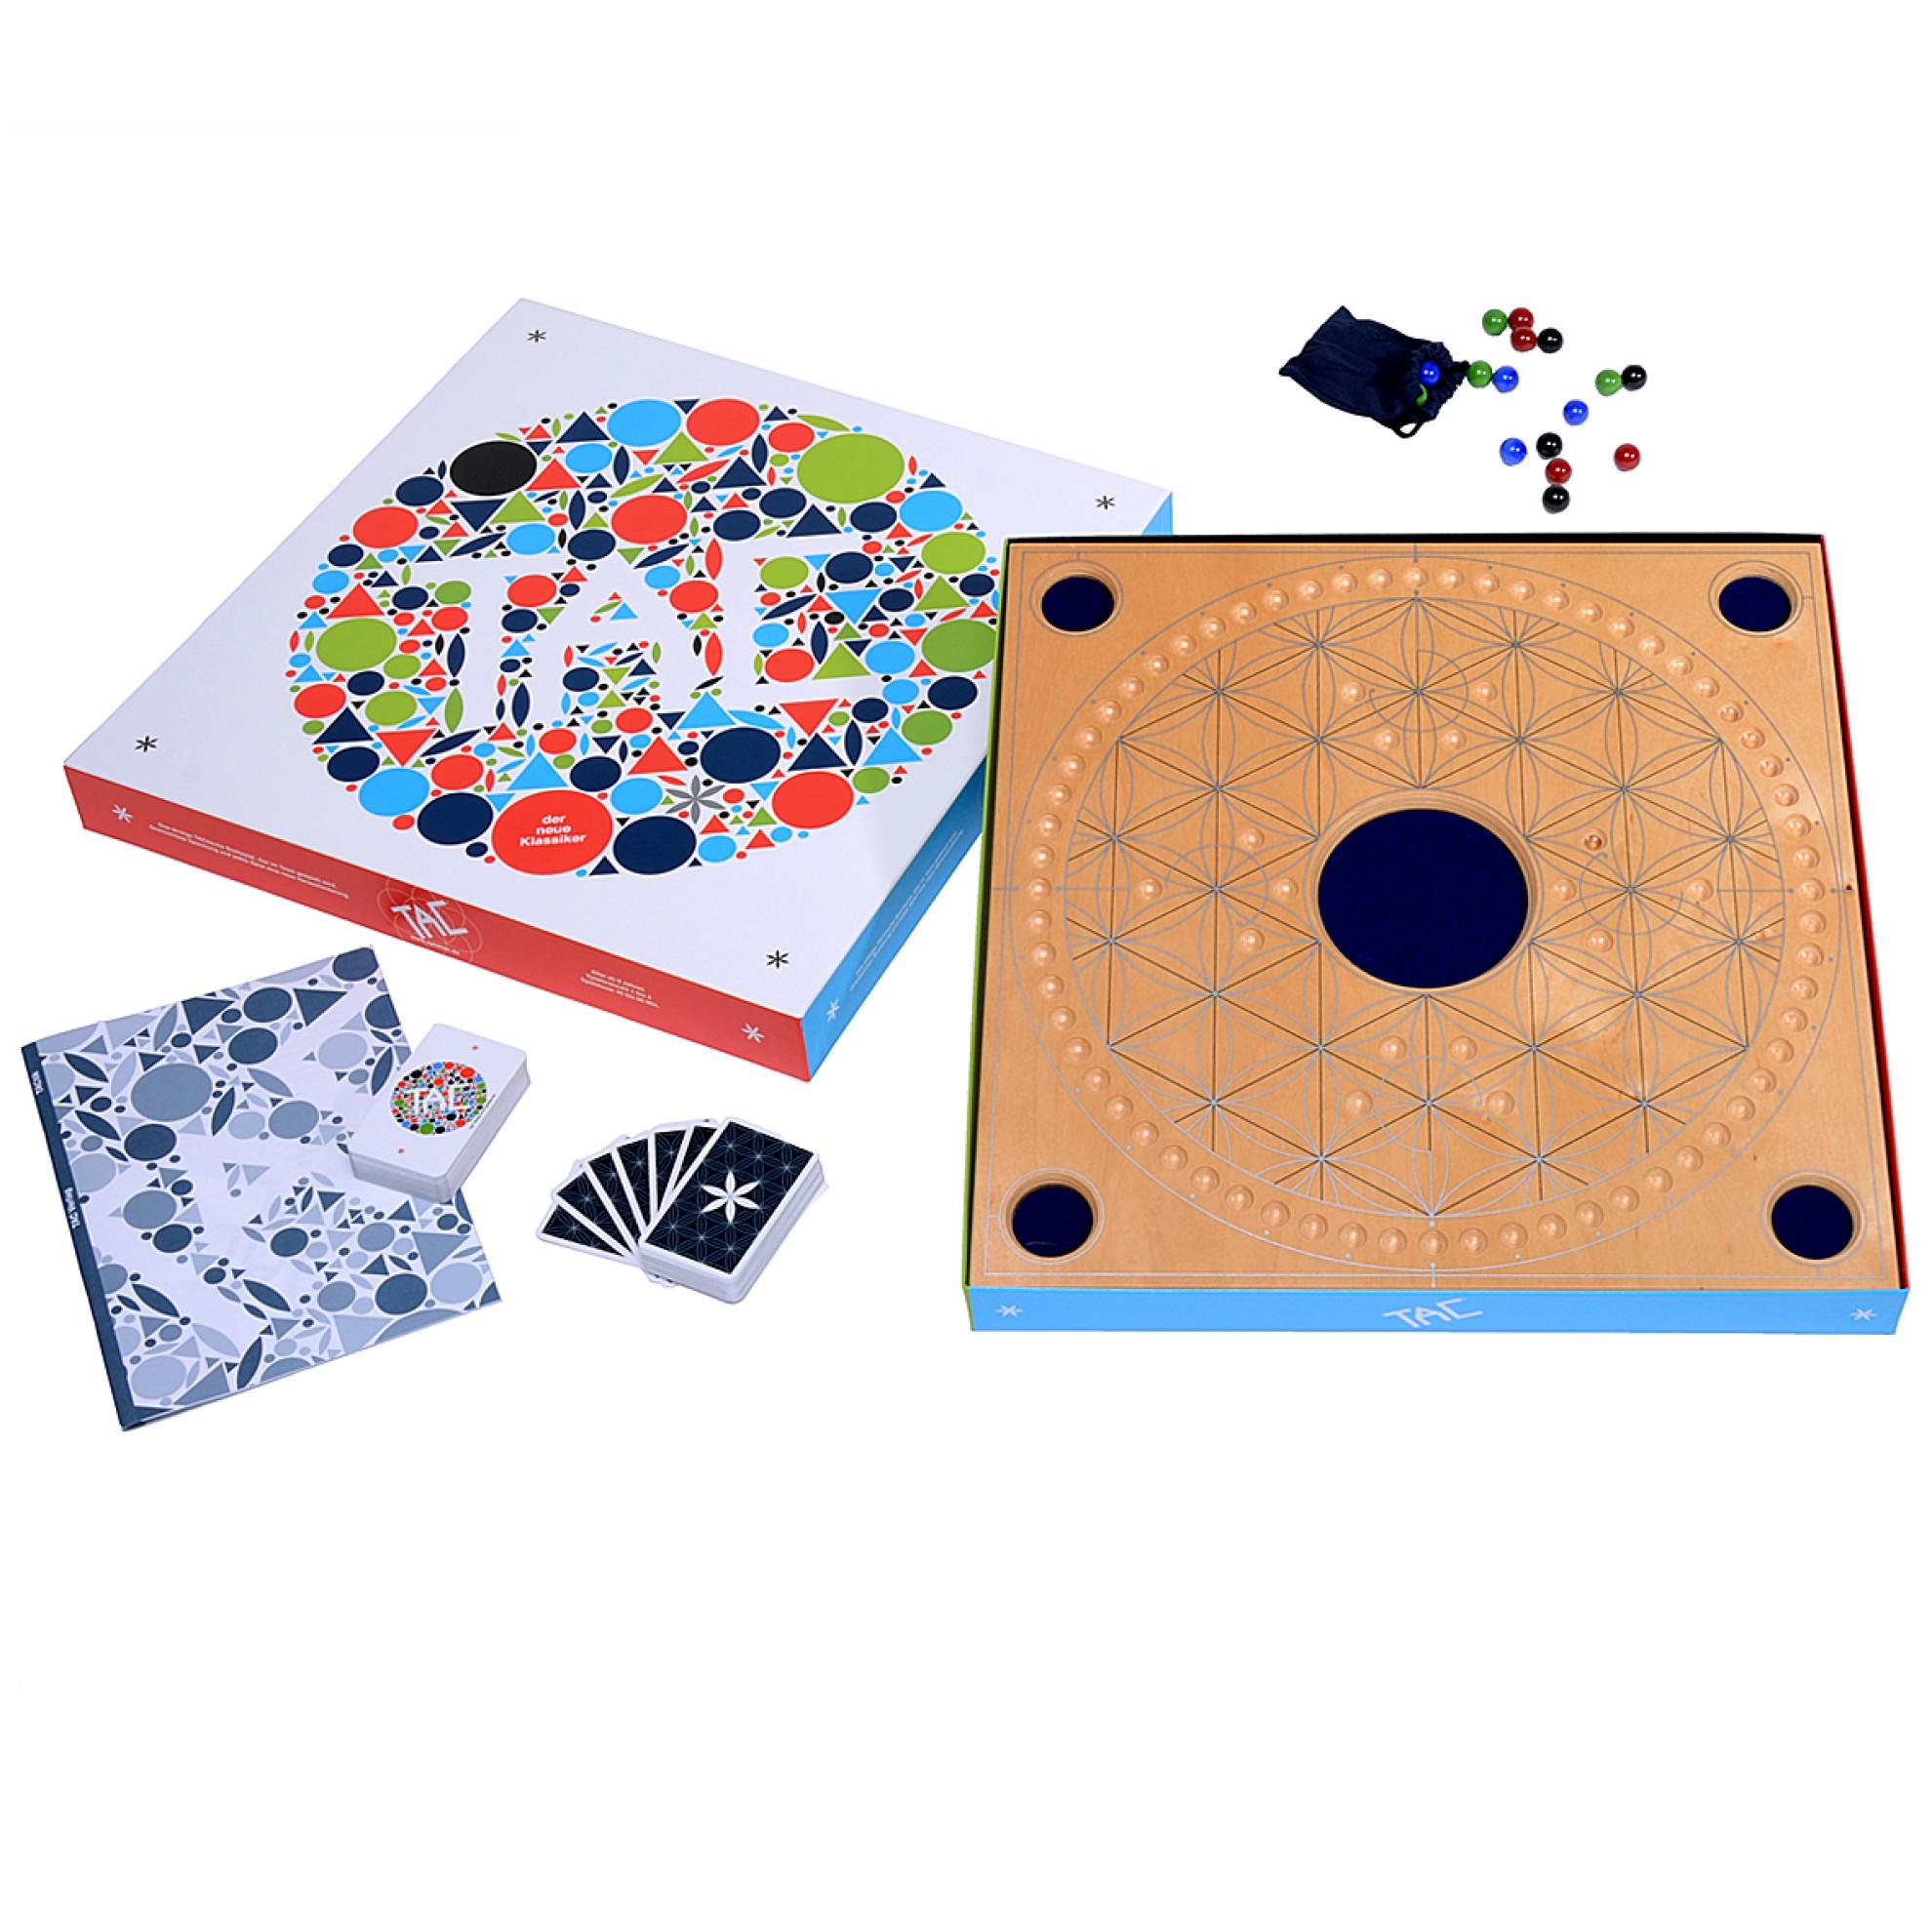 Tac Spiel 6 Personen